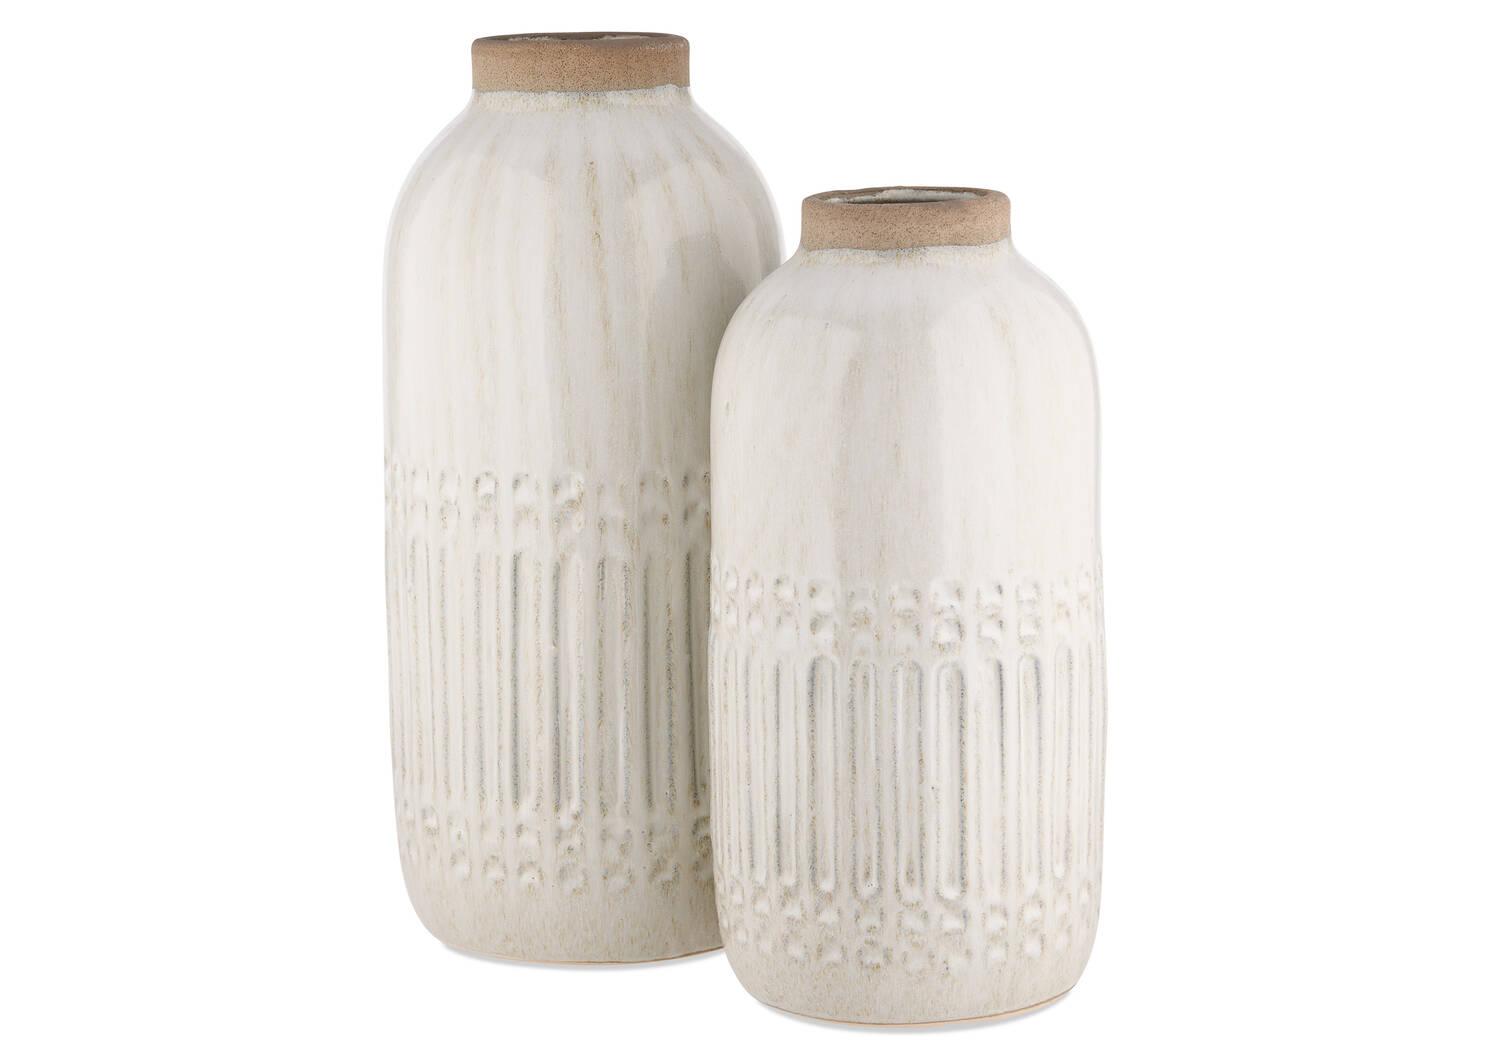 Riya Vase Small